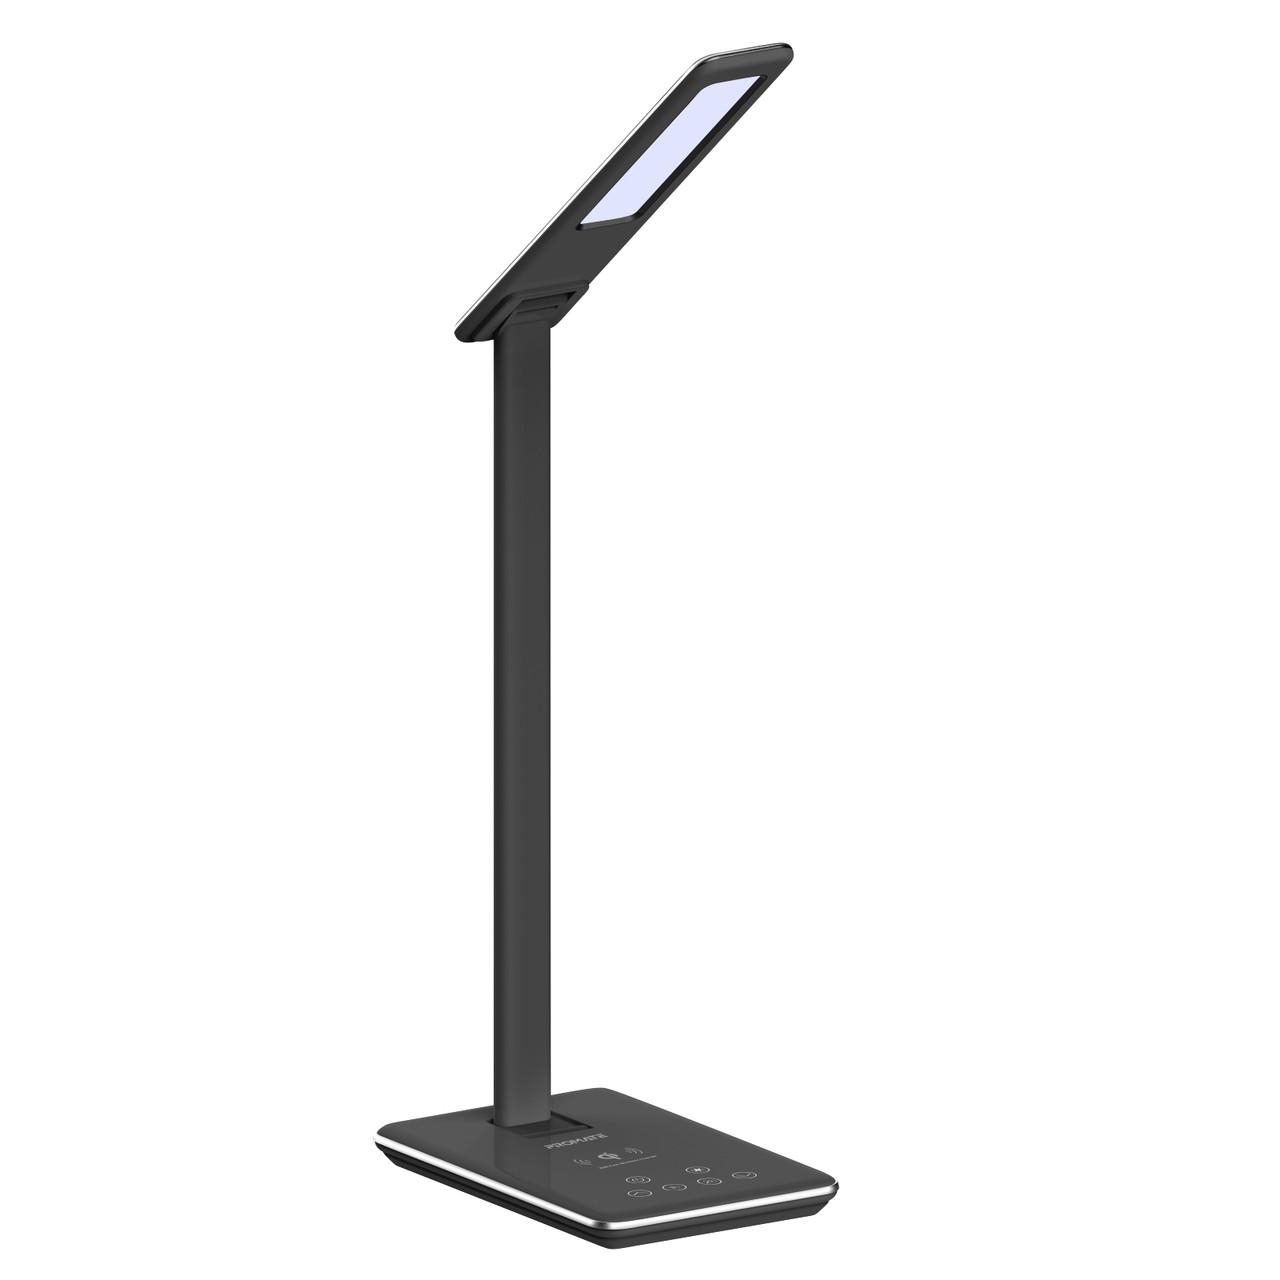 Настольная лампа Promate AuraLight-1 500 lm, 10 W беспроводная зарядка, 2.5 W USB Black